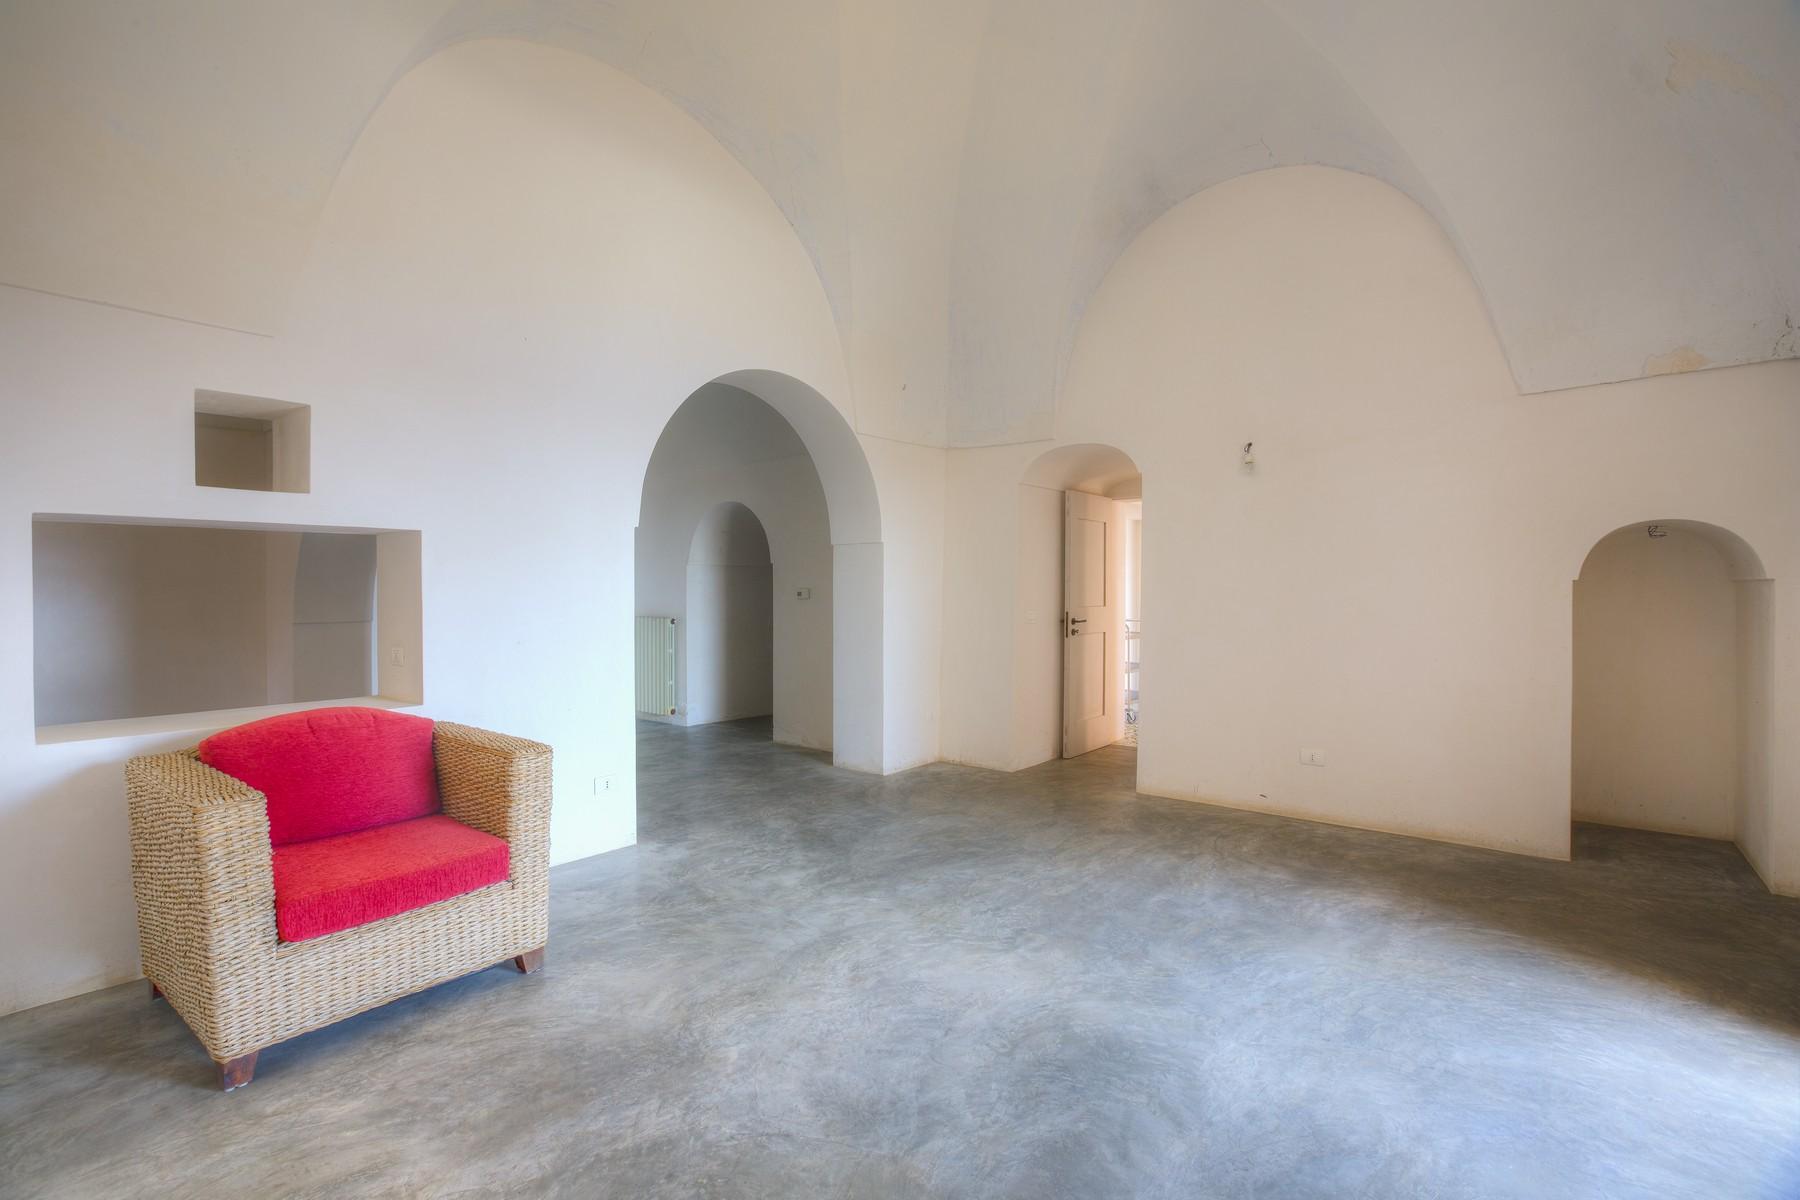 Un paradiso incontaminato nell'esclusiva isola di Pantelleria - 11